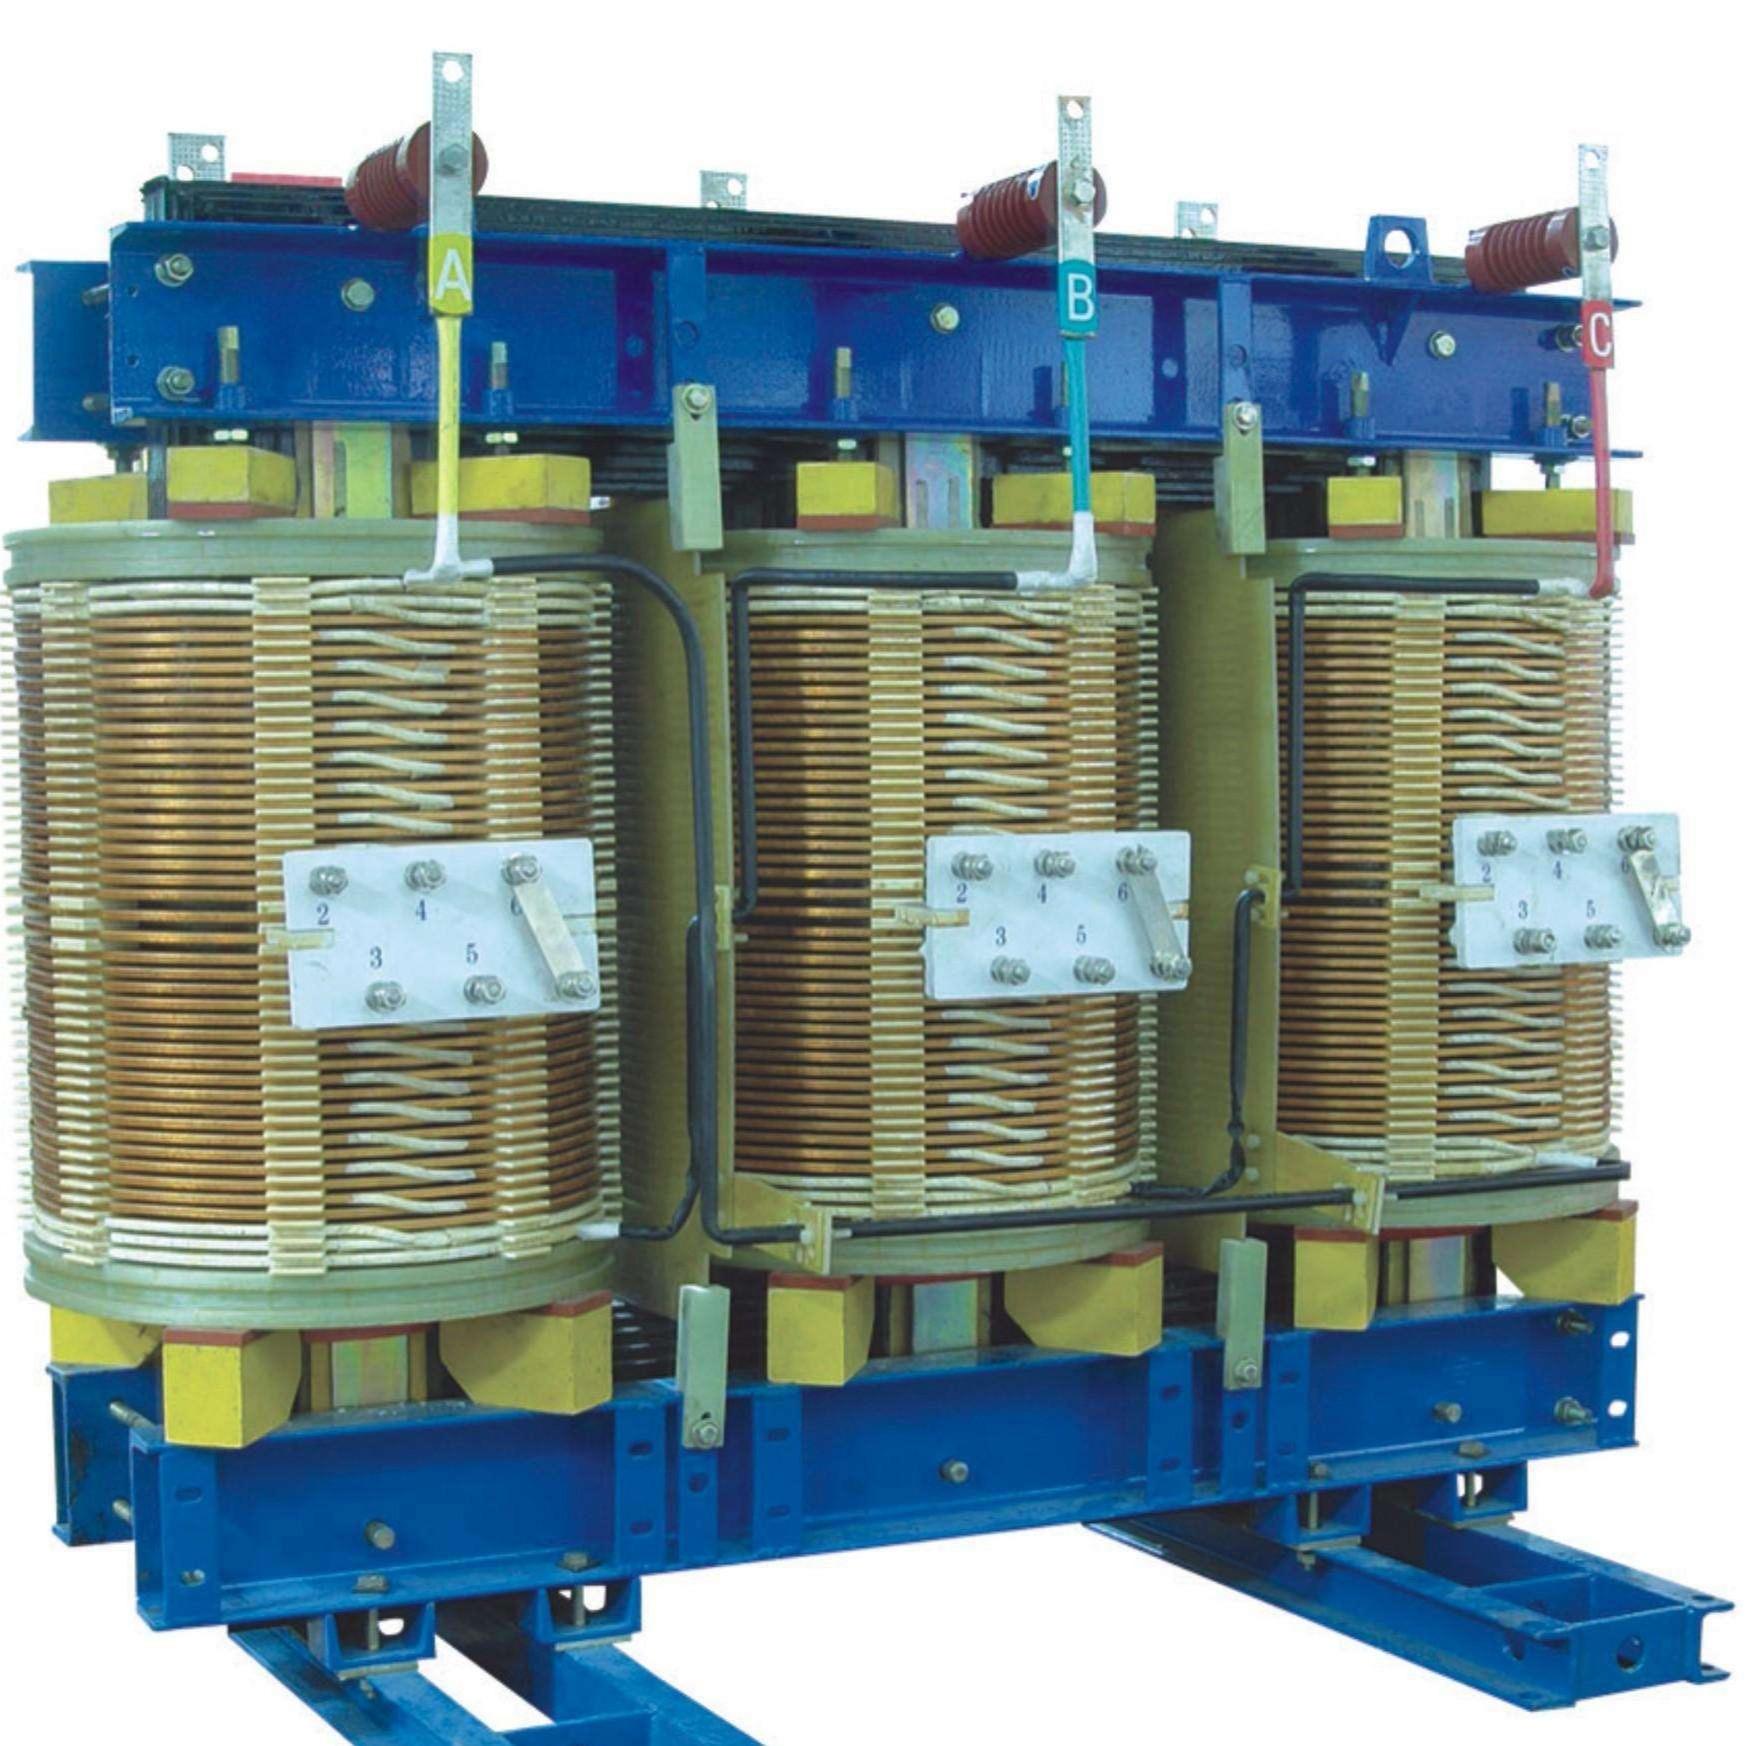 干式电力变压器厂家,100kva干式变压器